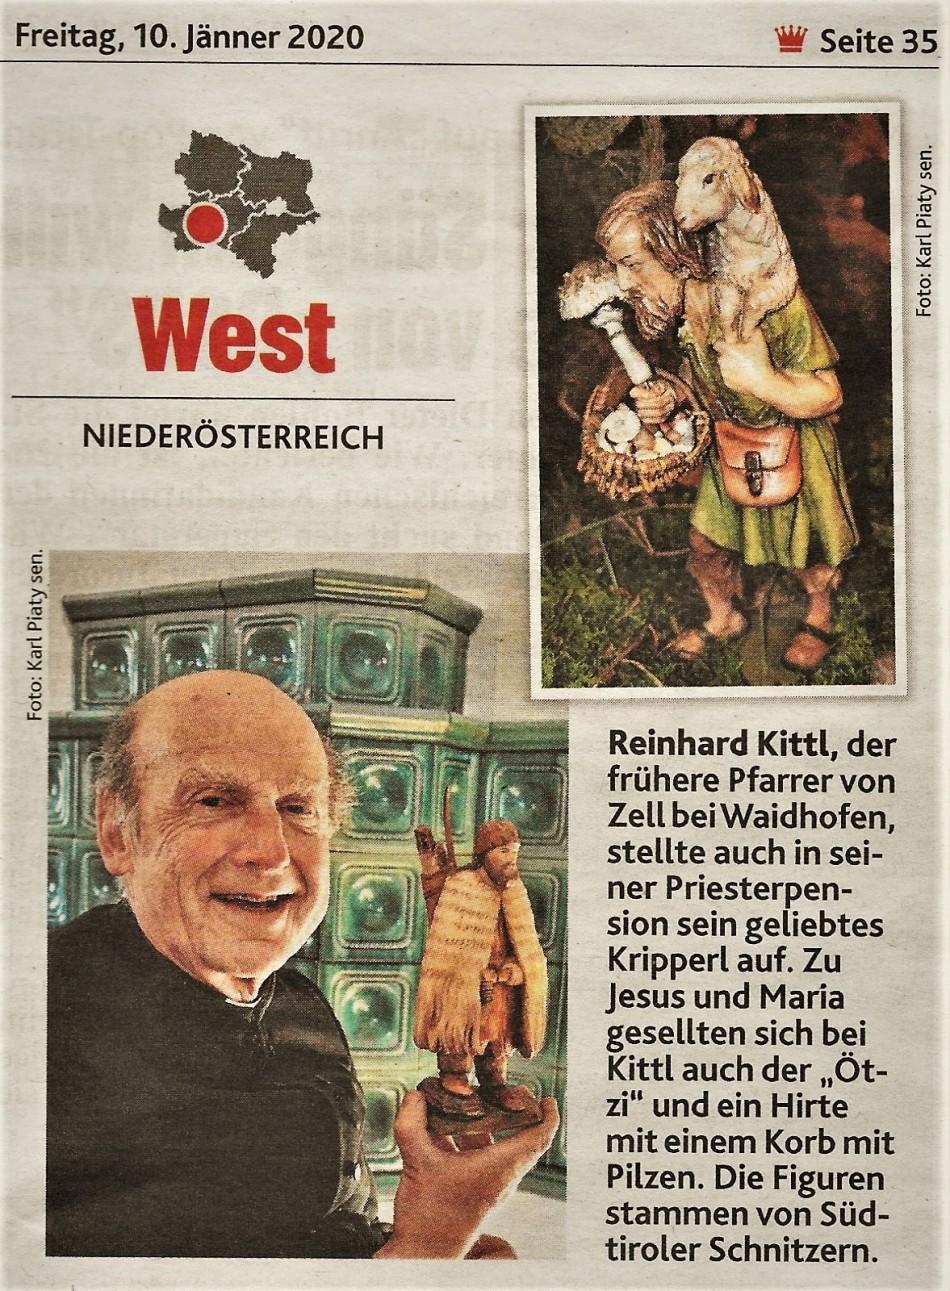 Krone Kittl Ötzi 10.1.2020